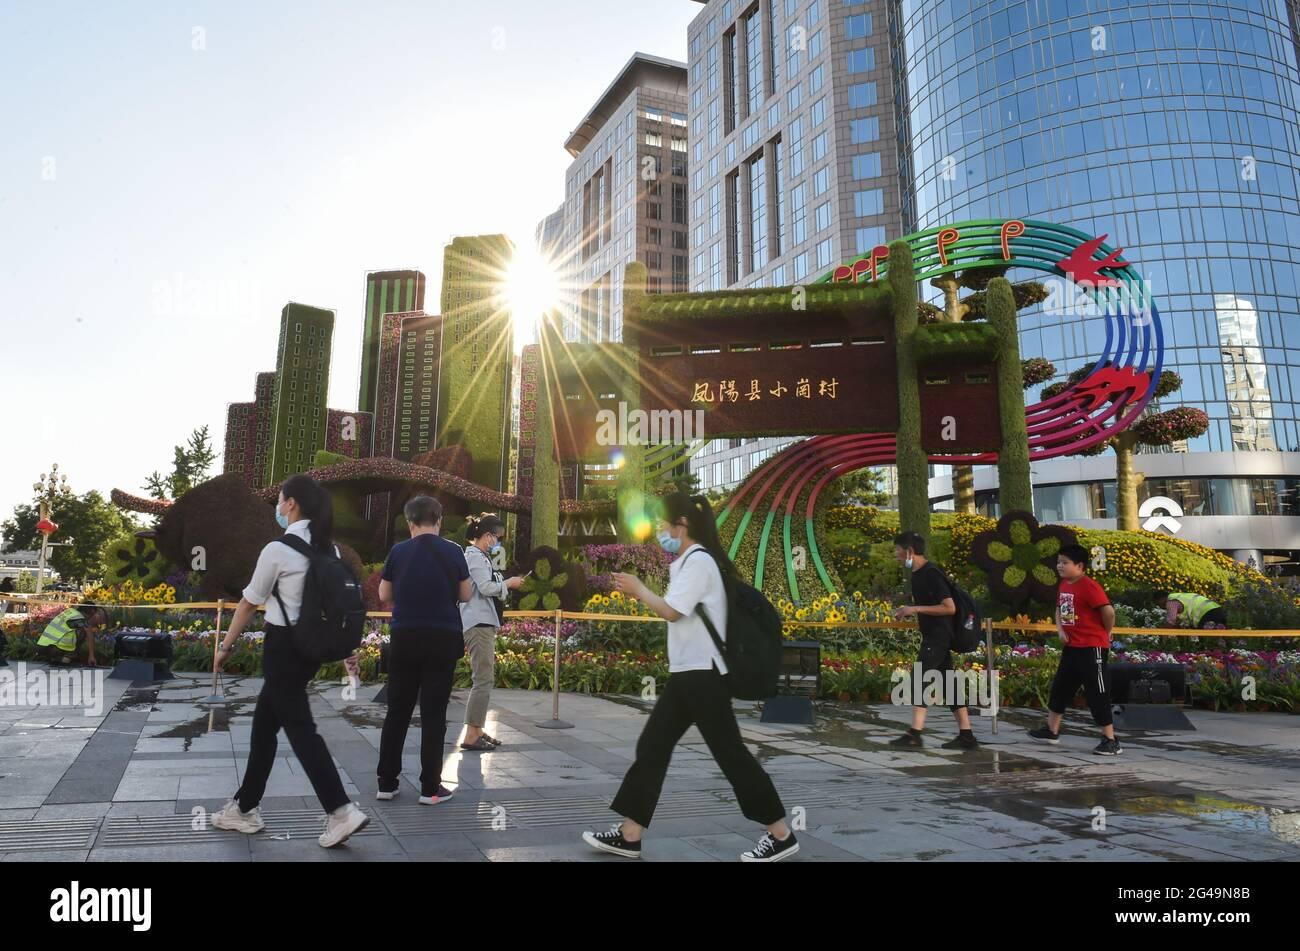 Pékin, Chine. 19 juin 2021. Les gens marchent devant des décorations florales établies le long de l'avenue Chang'an à Beijing, capitale de la Chine, le 19 juin 2021. Credit: Chen Zhonghao/Xinhua/Alay Live News Banque D'Images